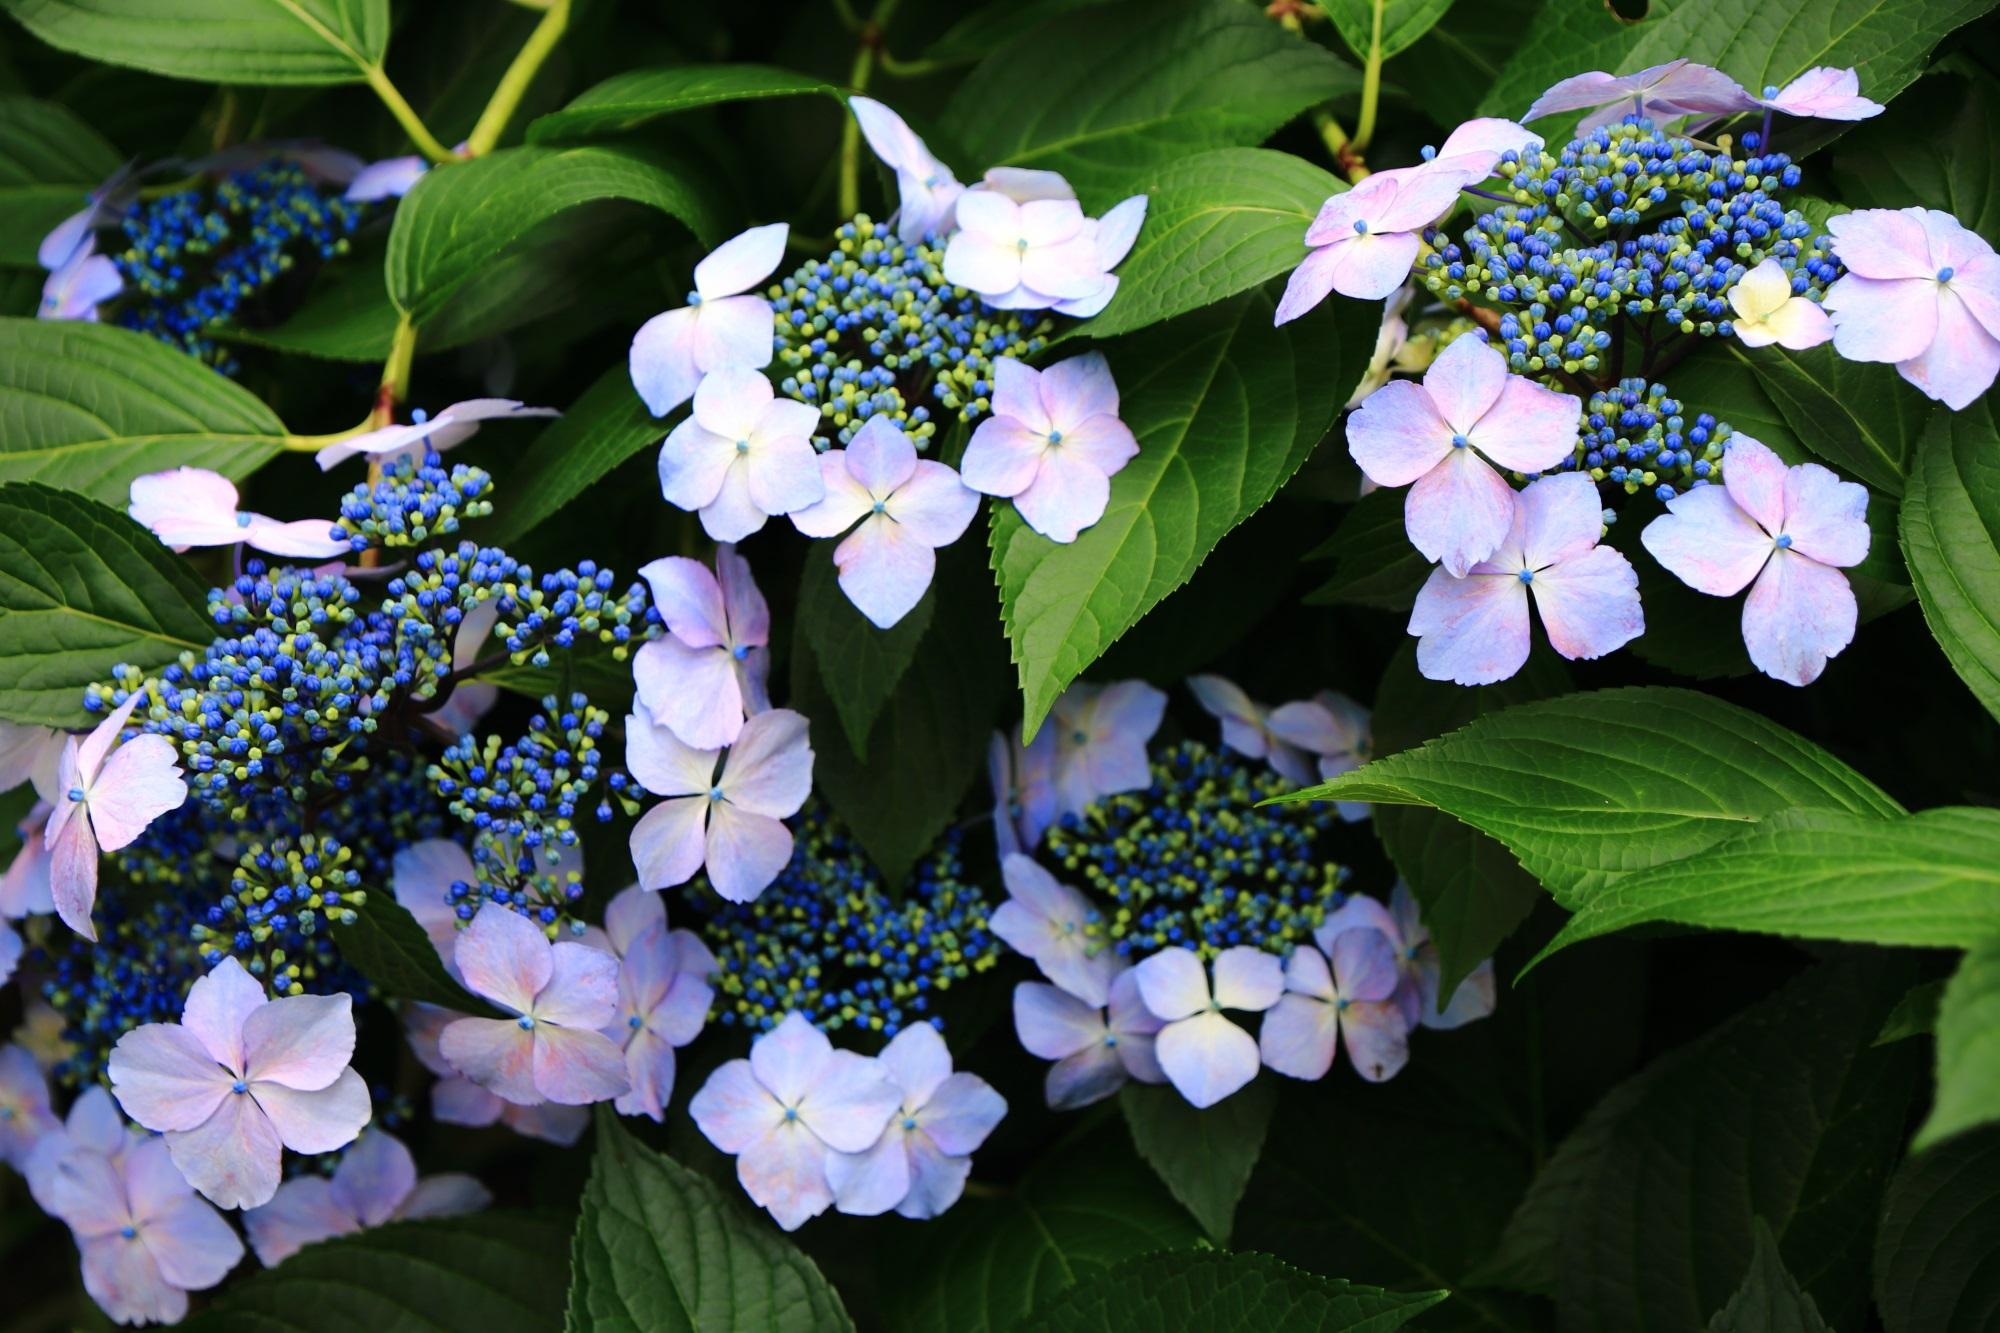 三室戸寺の薄紫の華やかな額紫陽花